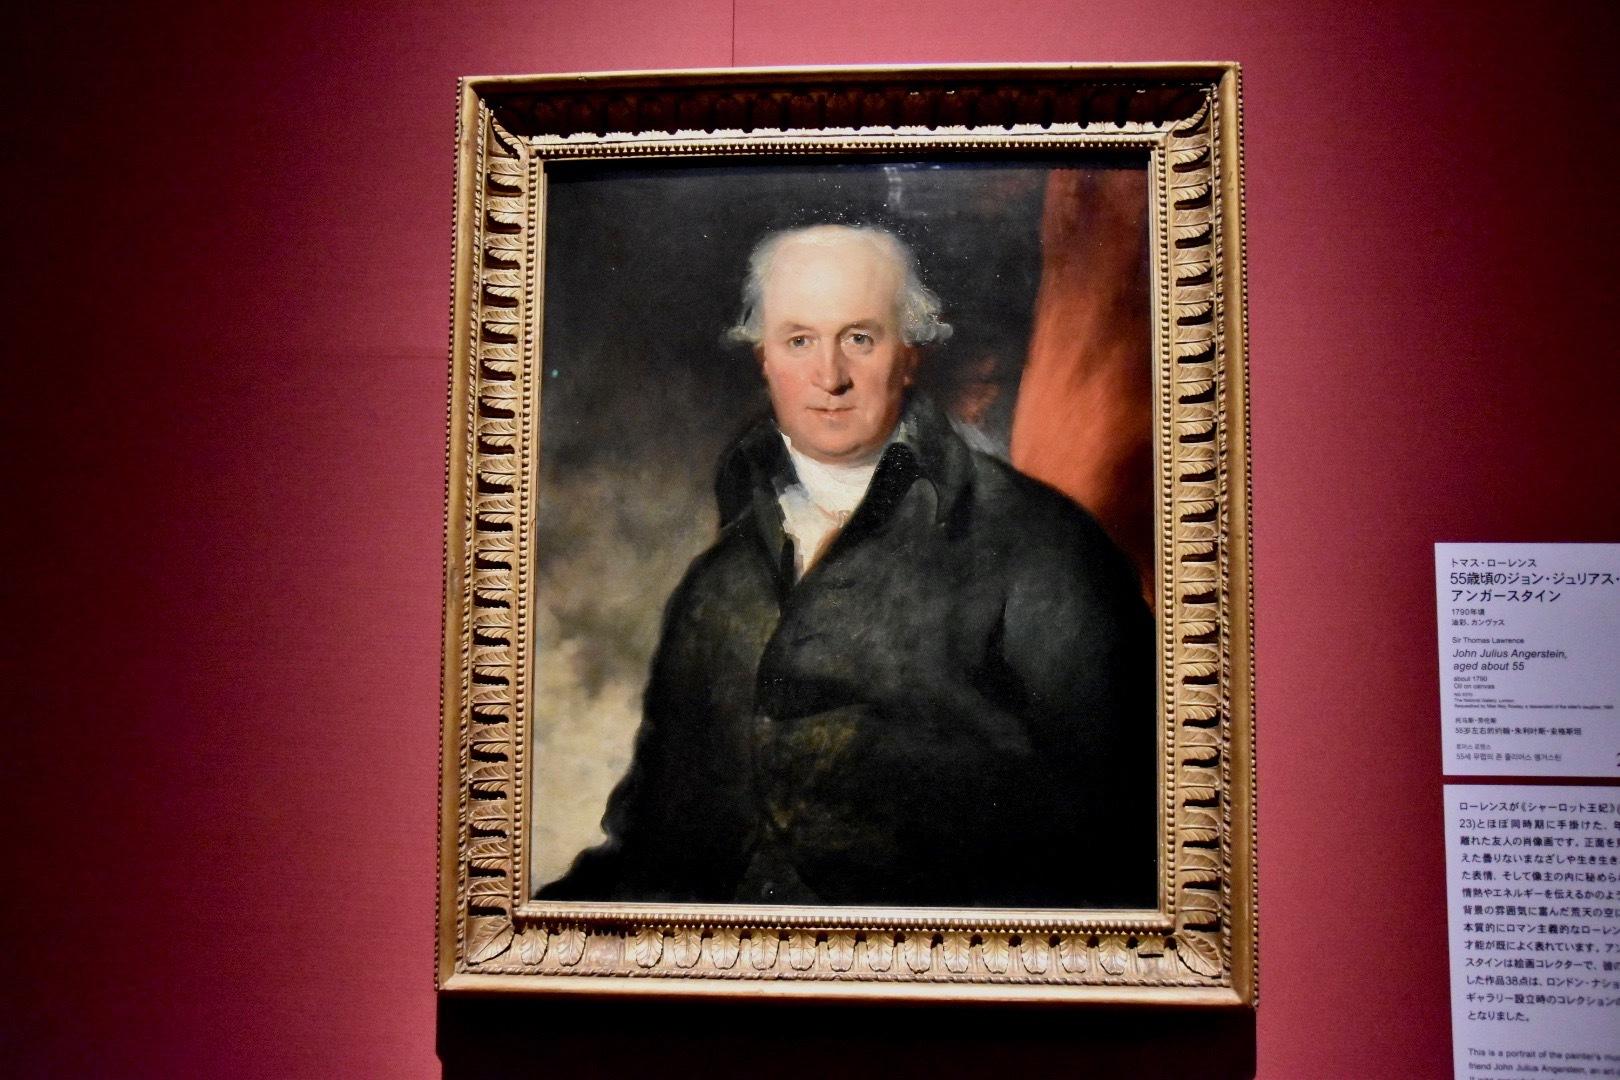 トマス・ローレンス《55歳頃のジョン・ジュリアス・アンガースタイン》1790年頃